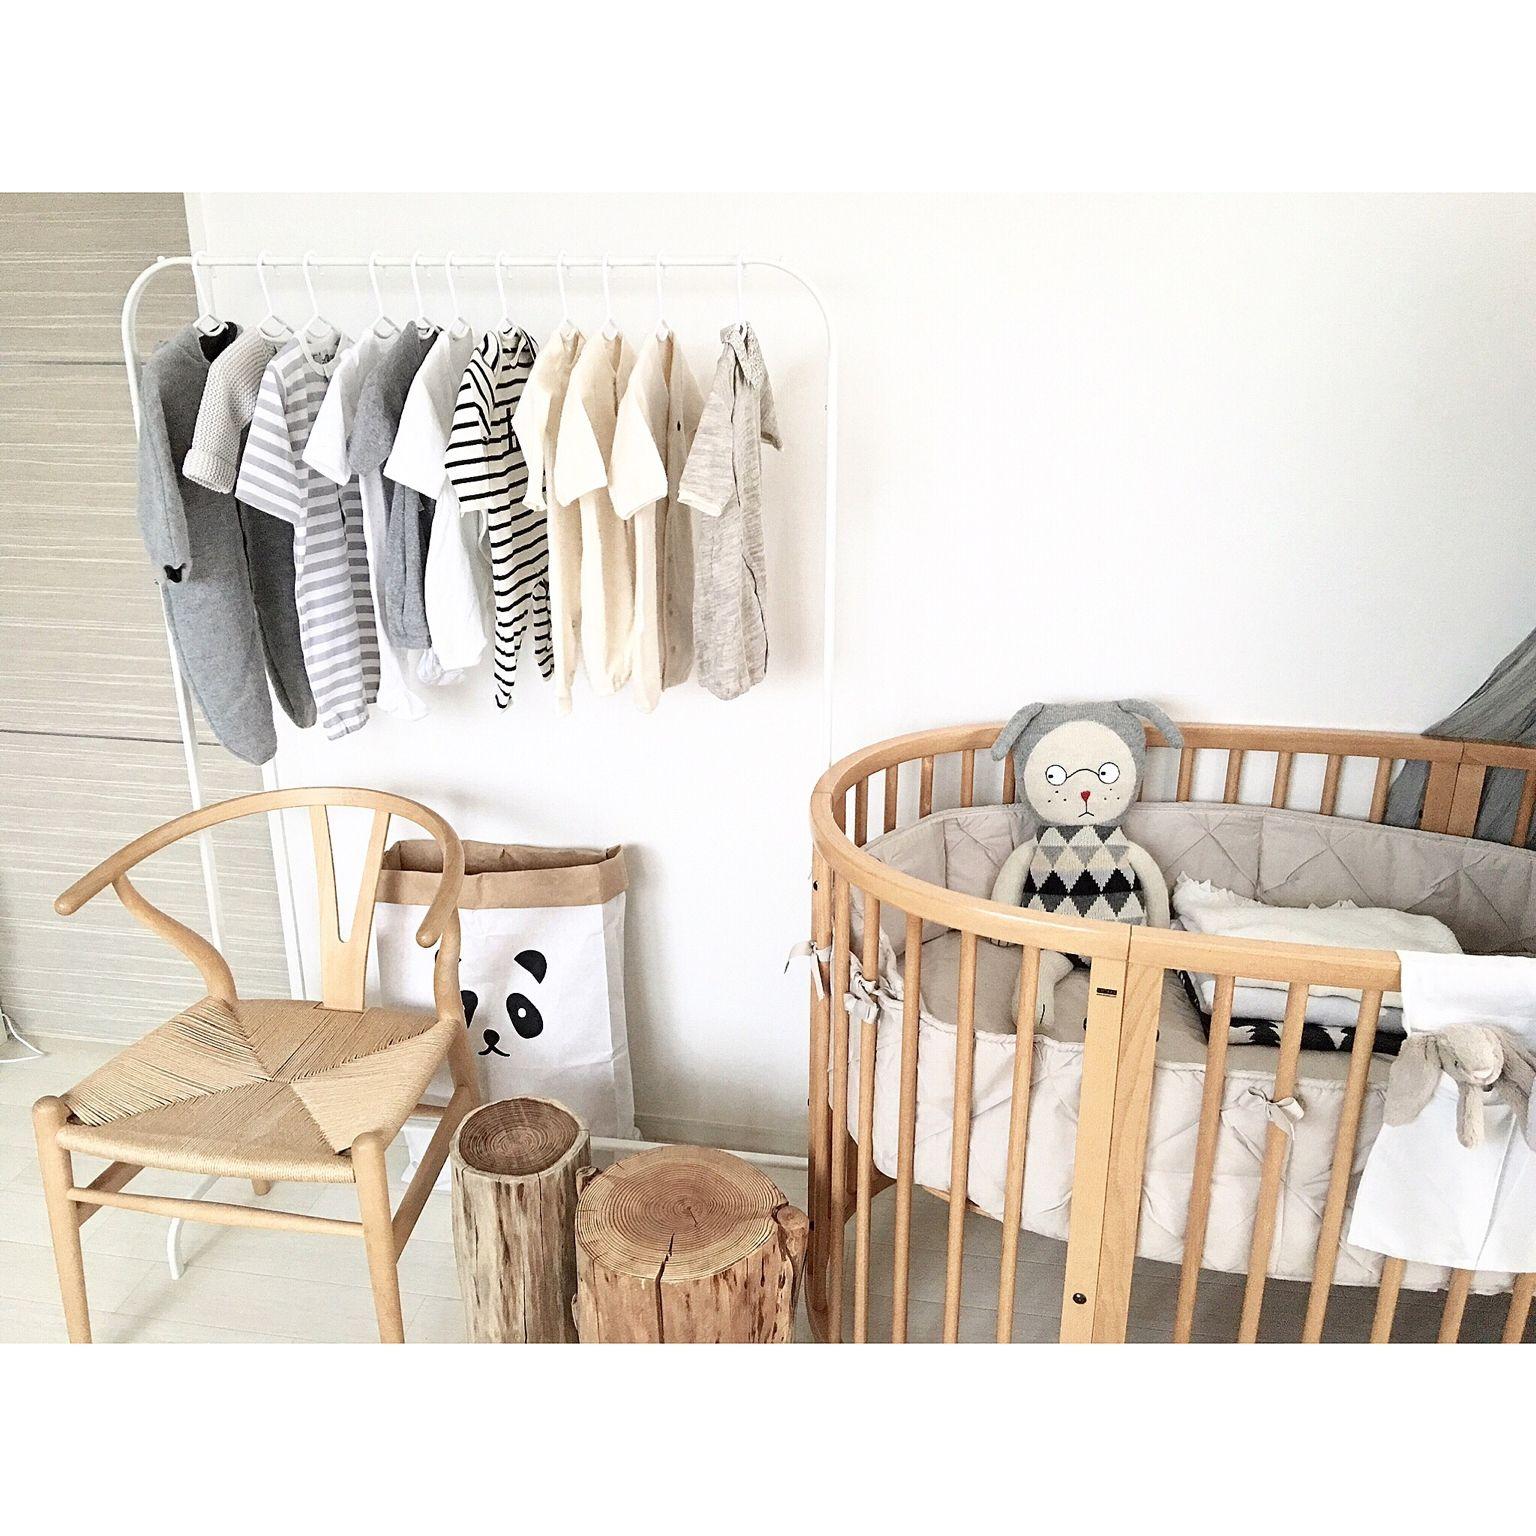 狭い部屋でも赤ちゃんスペースは作れる 可愛い19の実例集 ベビー